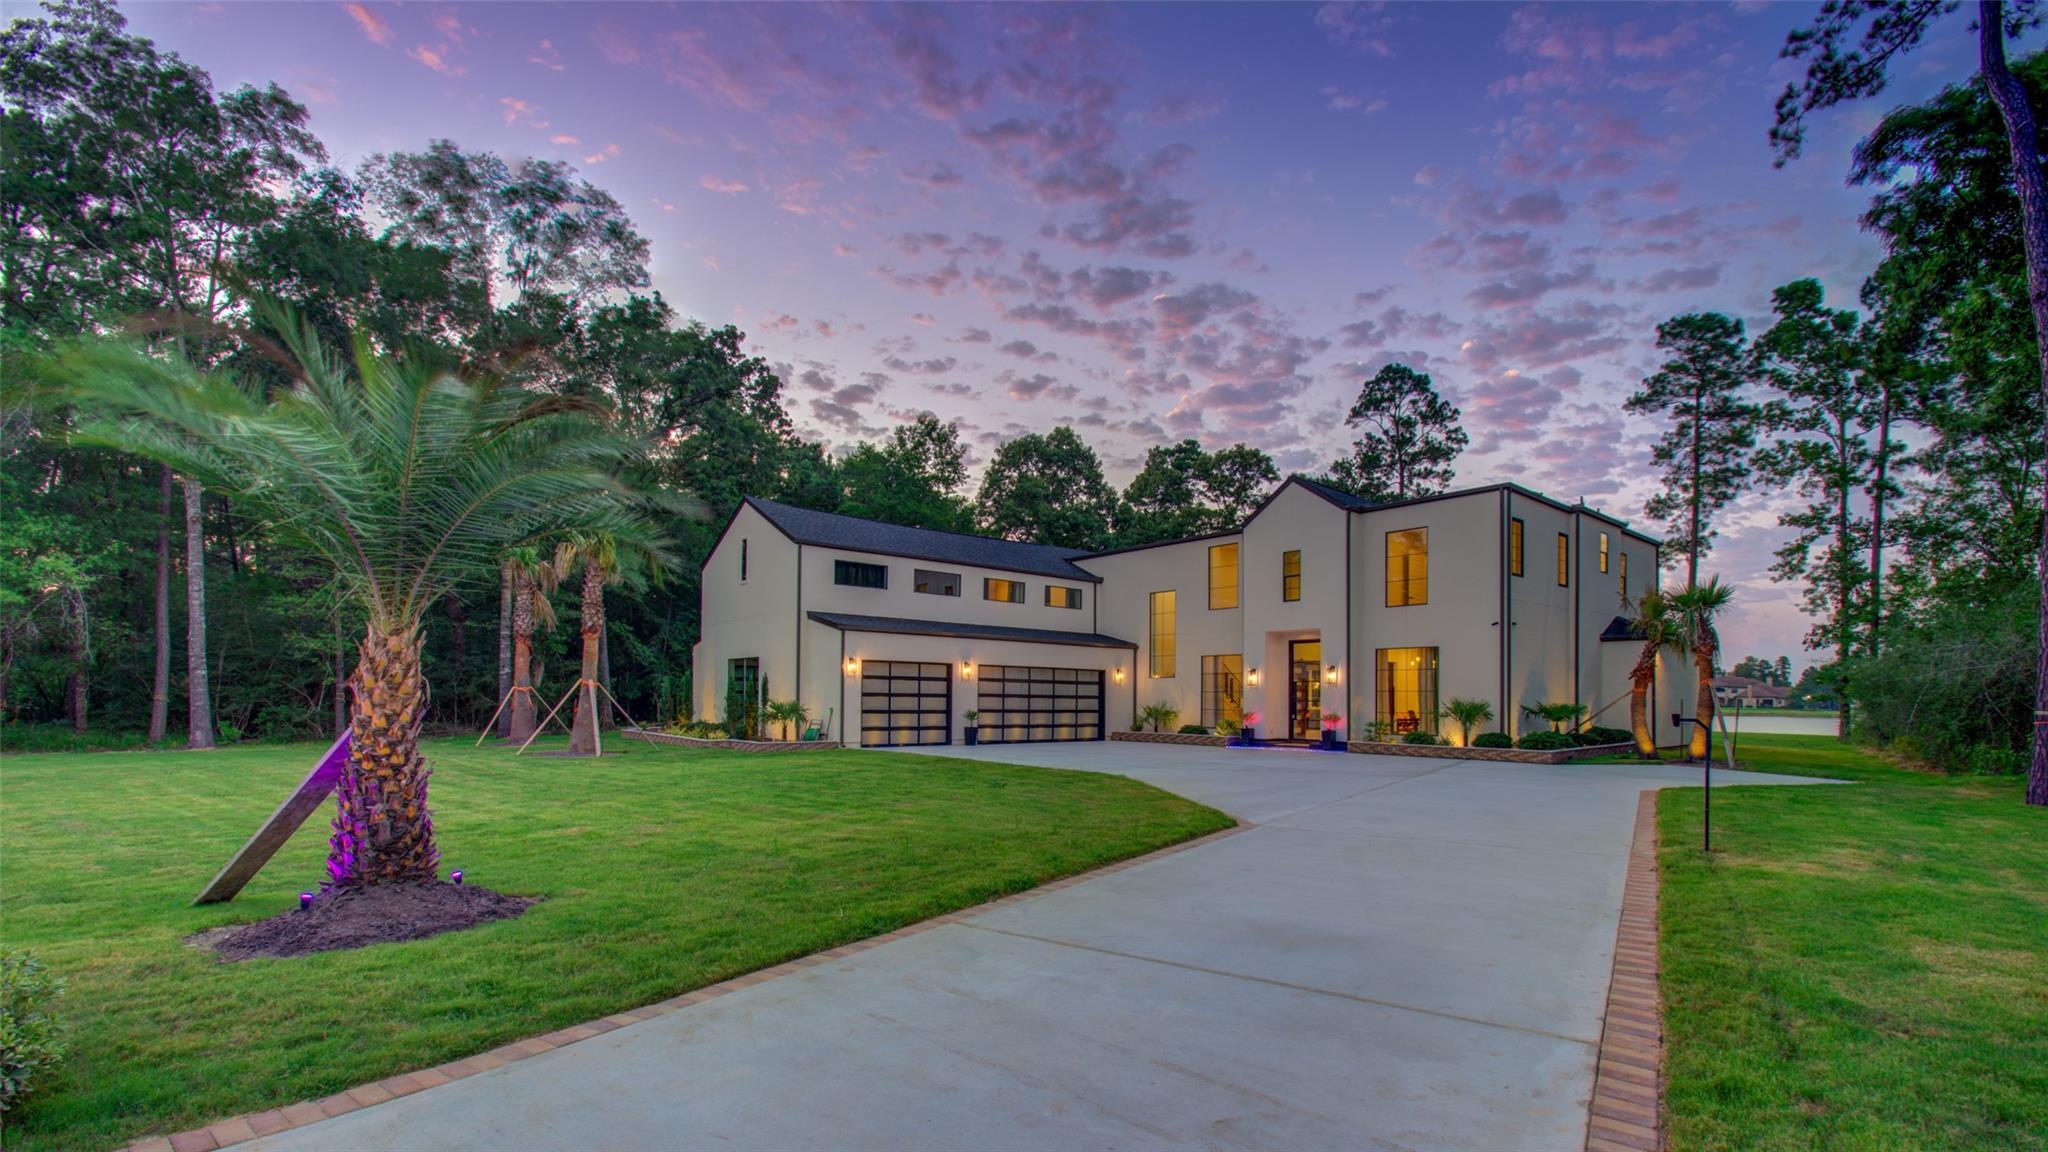 27321 S Lazy Meadow Way Property Photo